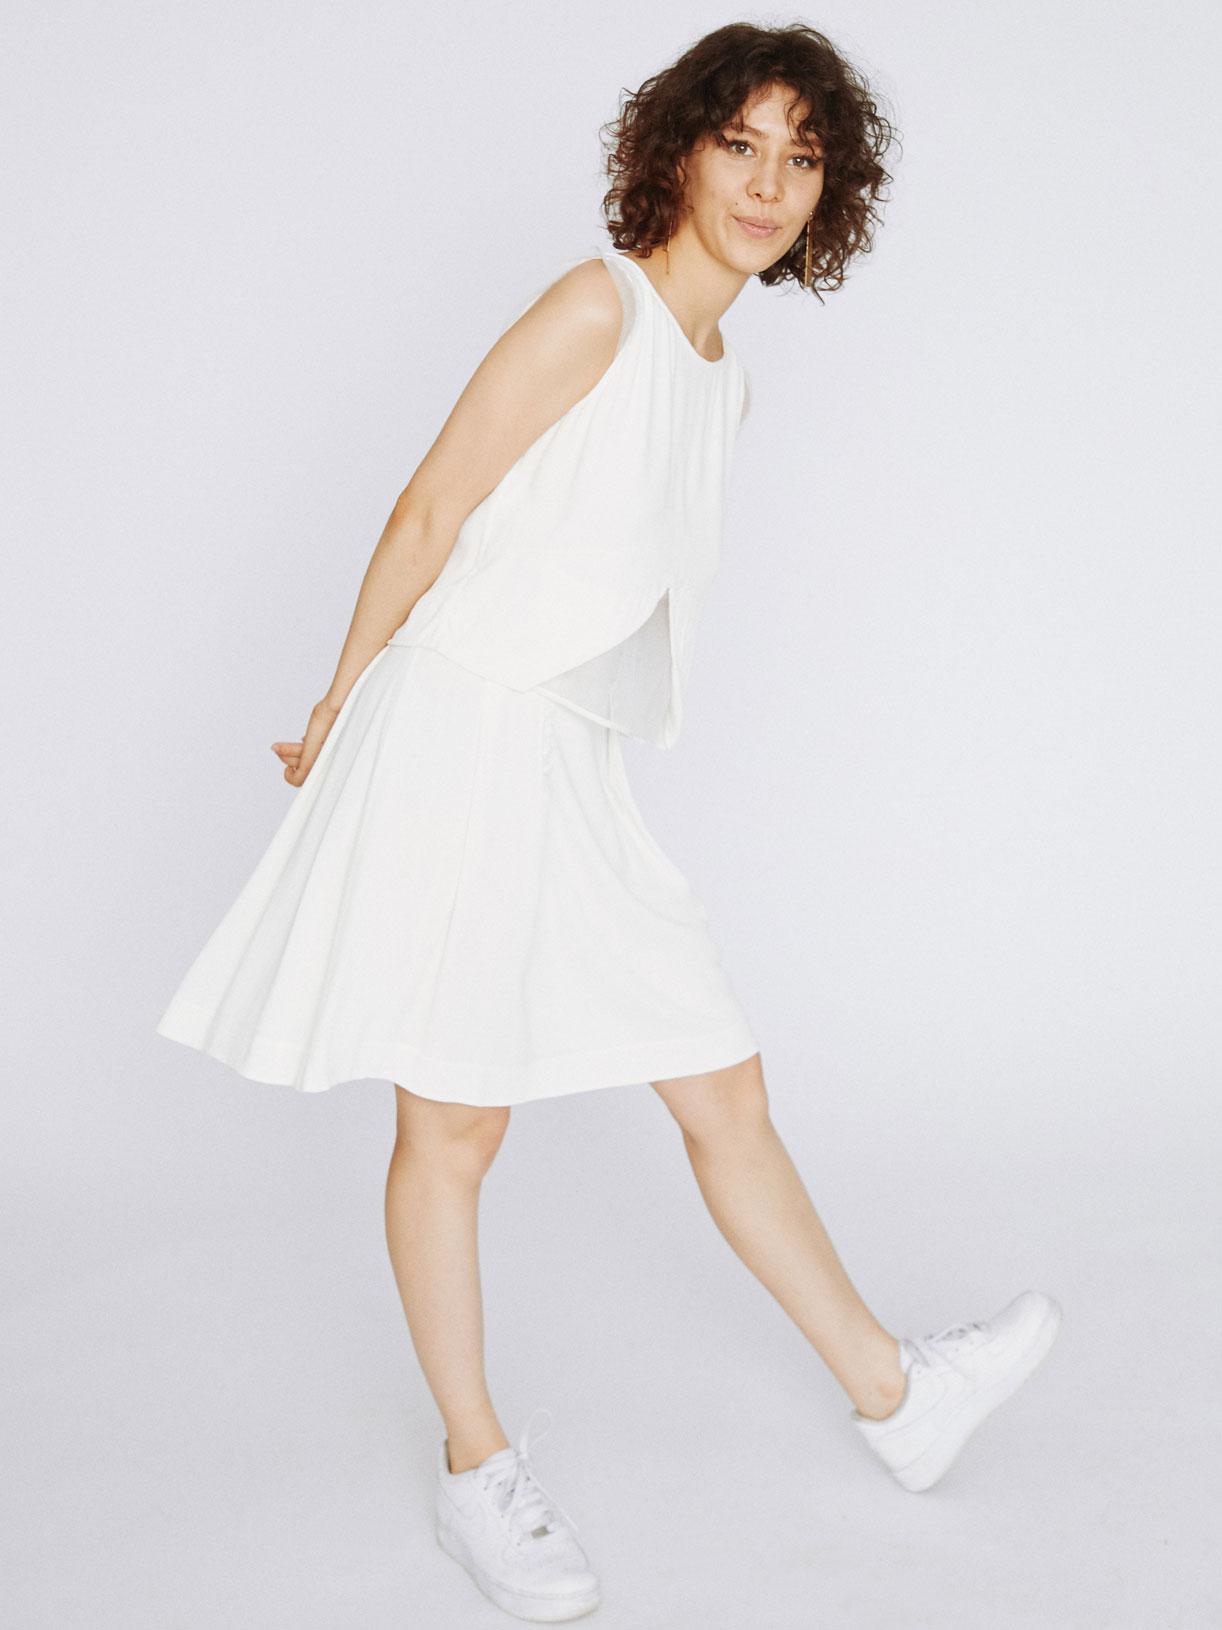 robe jupe de mariee patineuse courte écoresponsable - Creatrice de robe de mariée éthique et bio a Paris - Myphilosophypour mariage civil